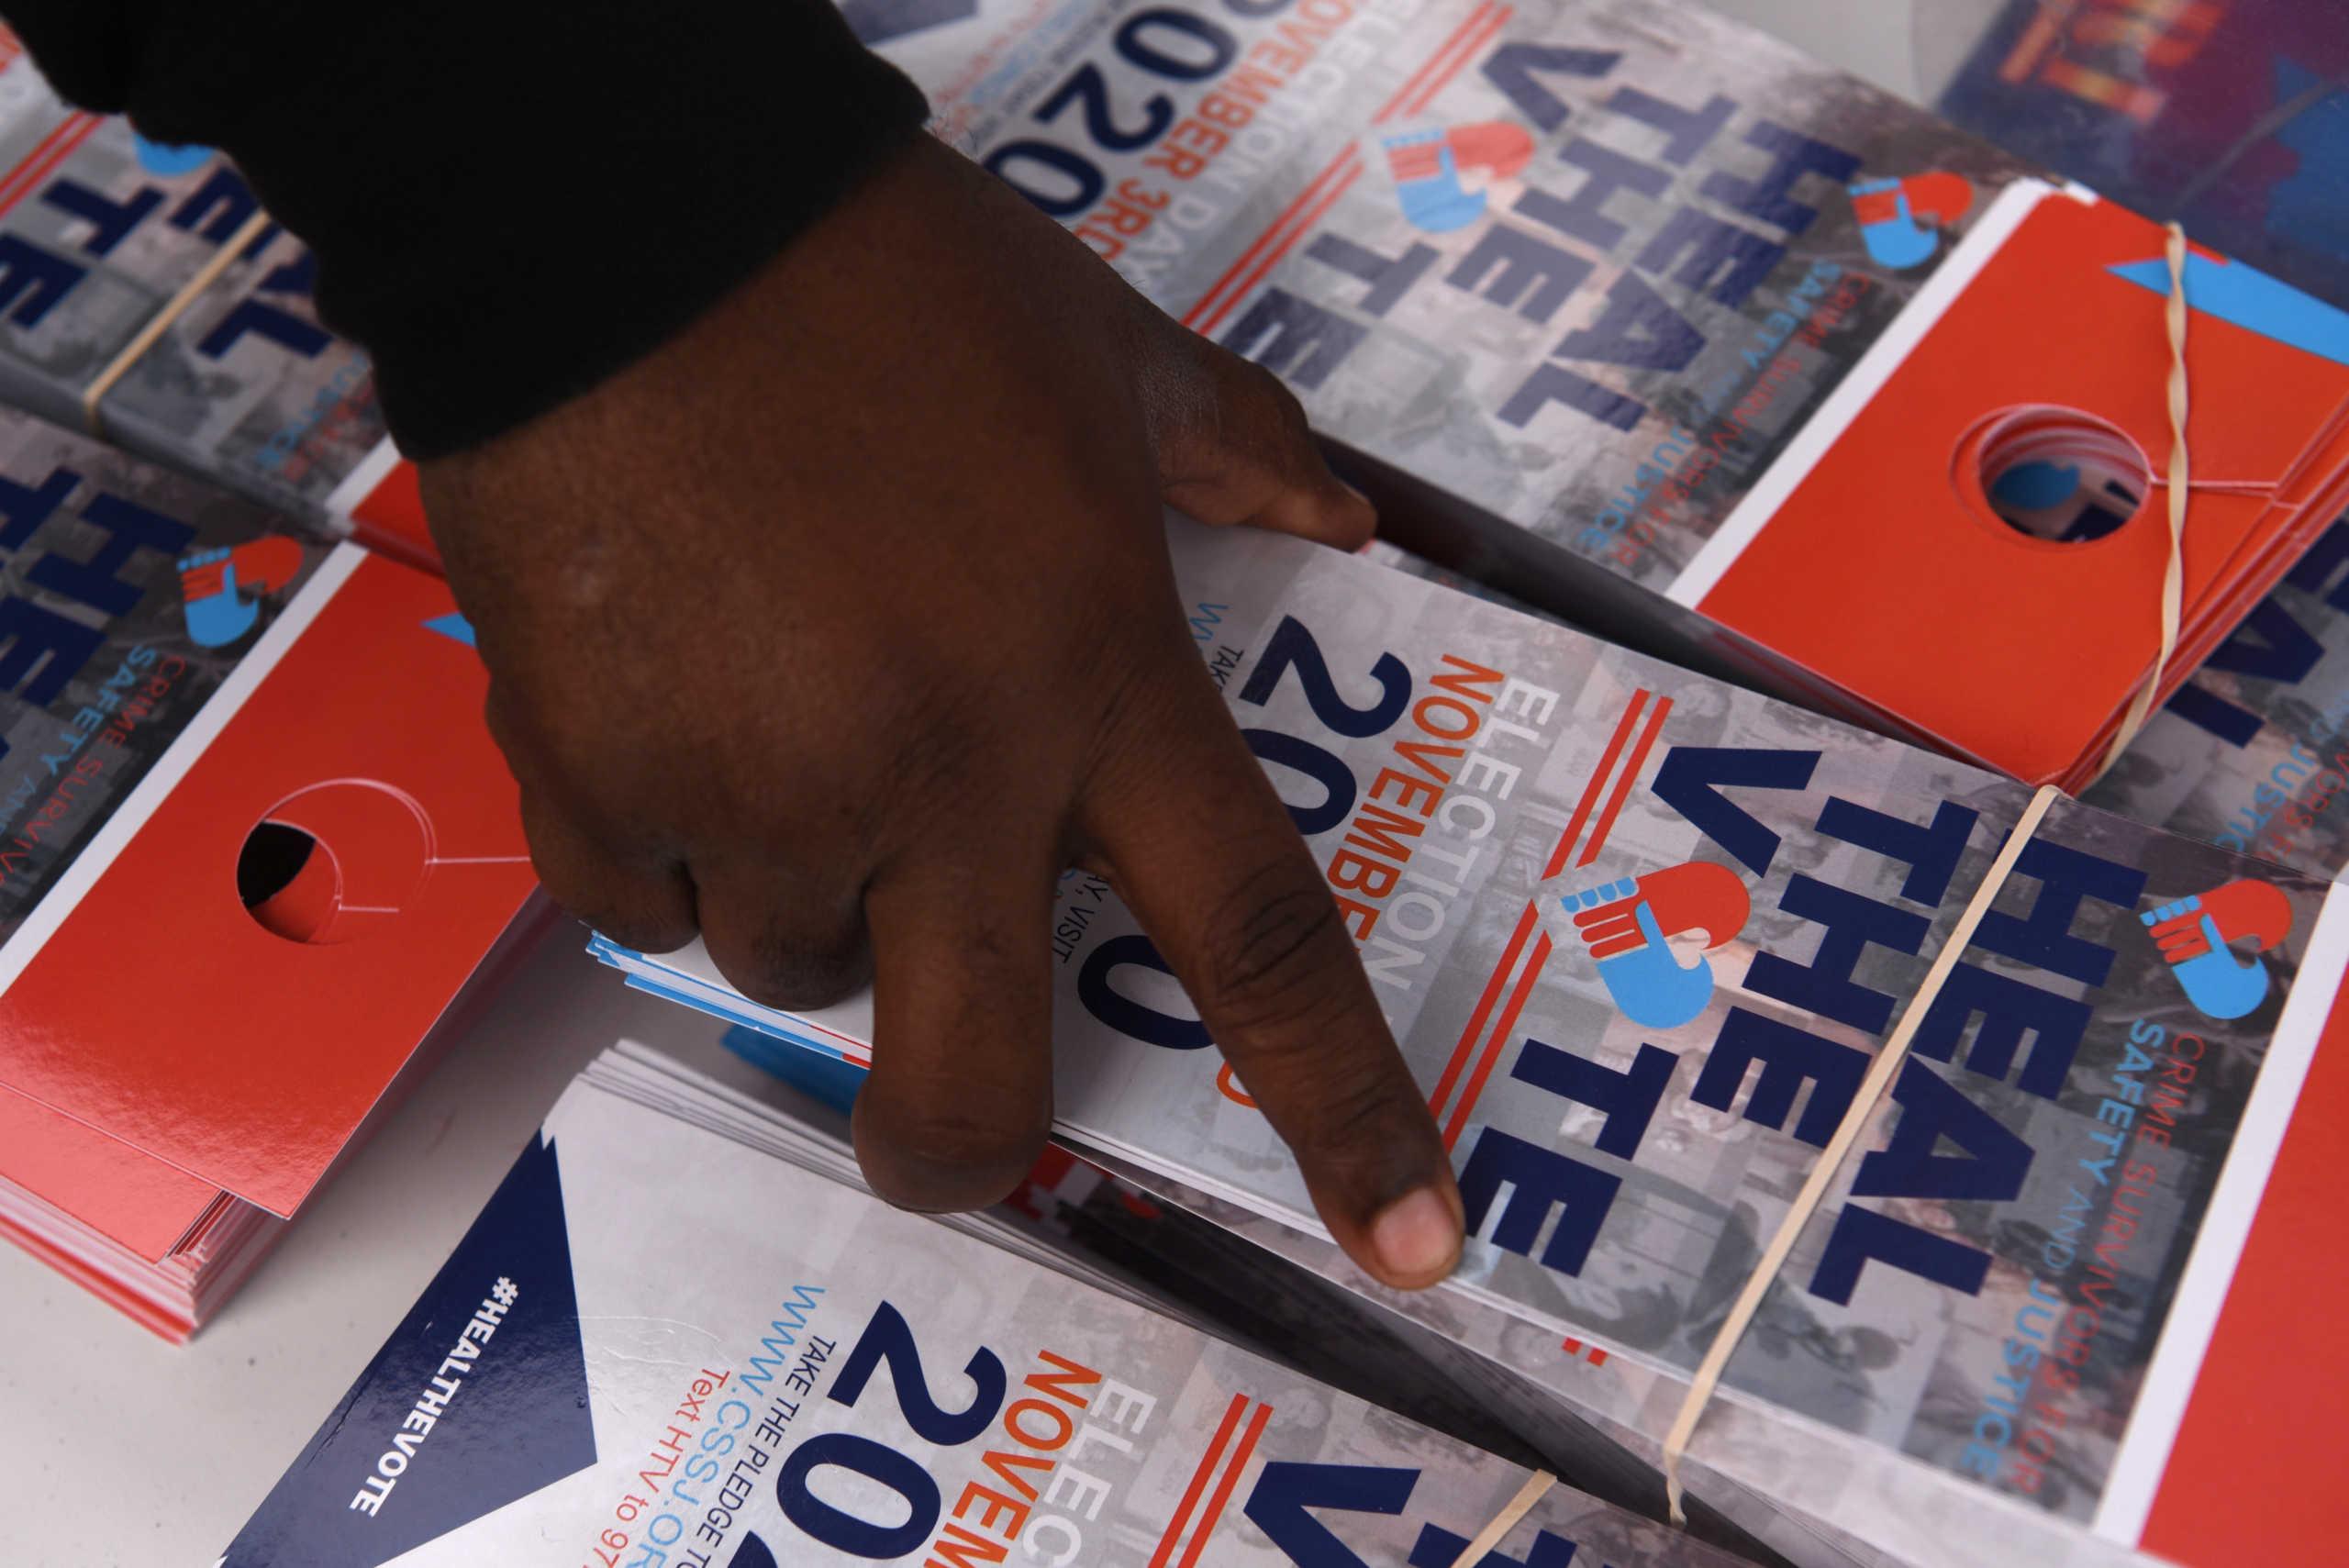 """Οι αμερικανικές εκλογές σε αριθμούς – Οι ημερομηνίες, οι πολιτείες – """"κλειδιά"""" και οι δαπάνες που προκαλούν…. ίλιγγο"""